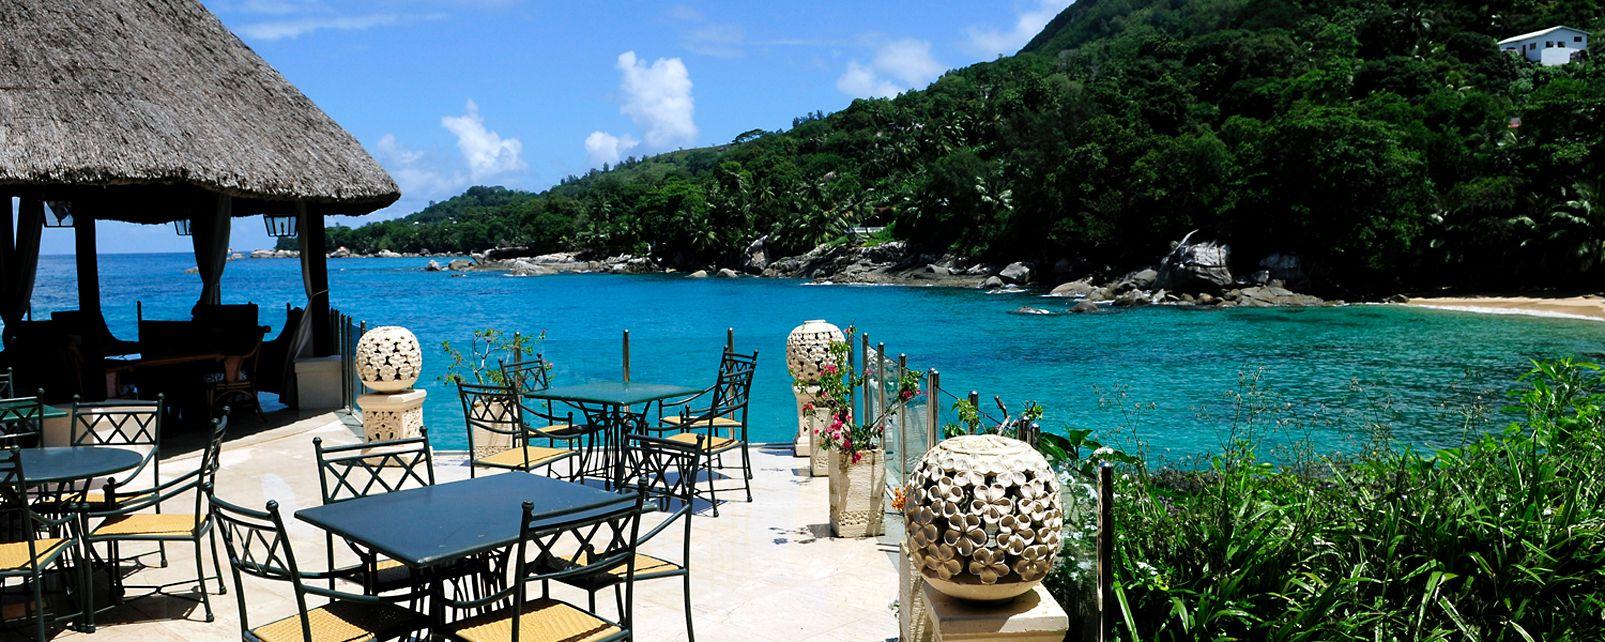 Hotel The Sunset Beach Resort